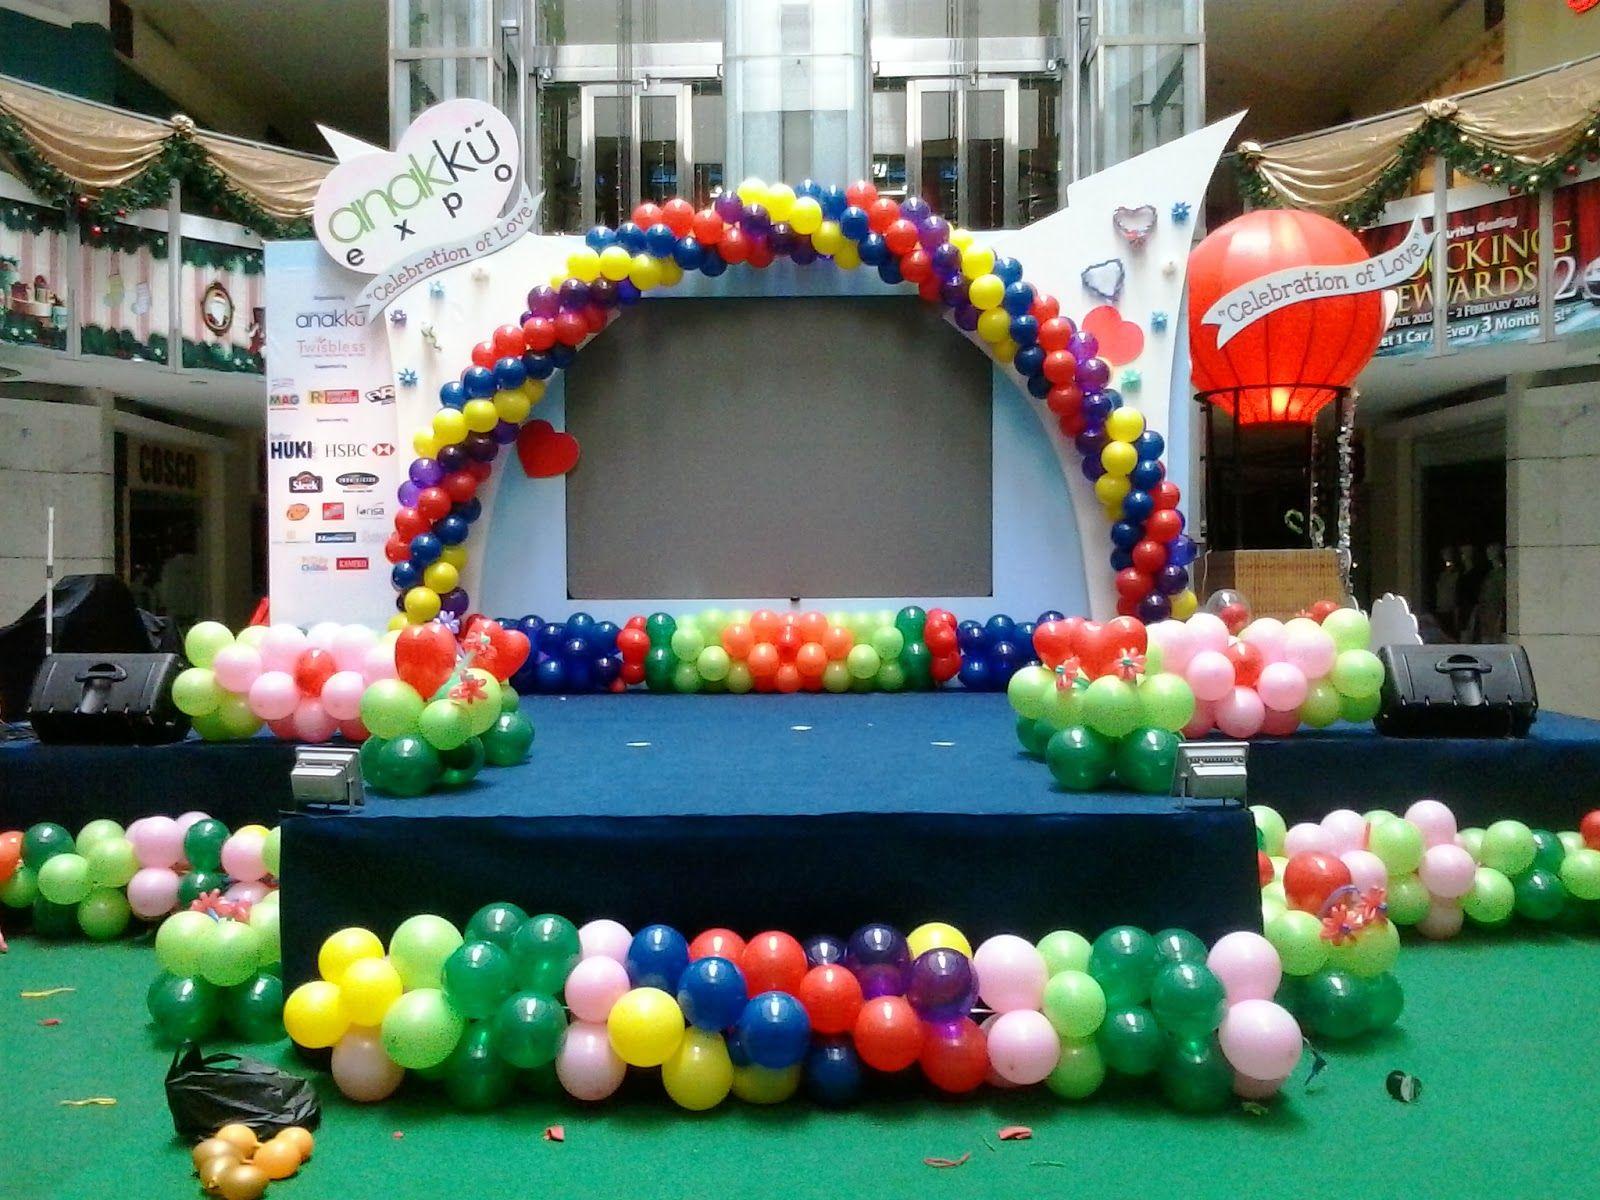 Balon Dekorasi Balon Dekor Balon Dekorasi Murah Balon